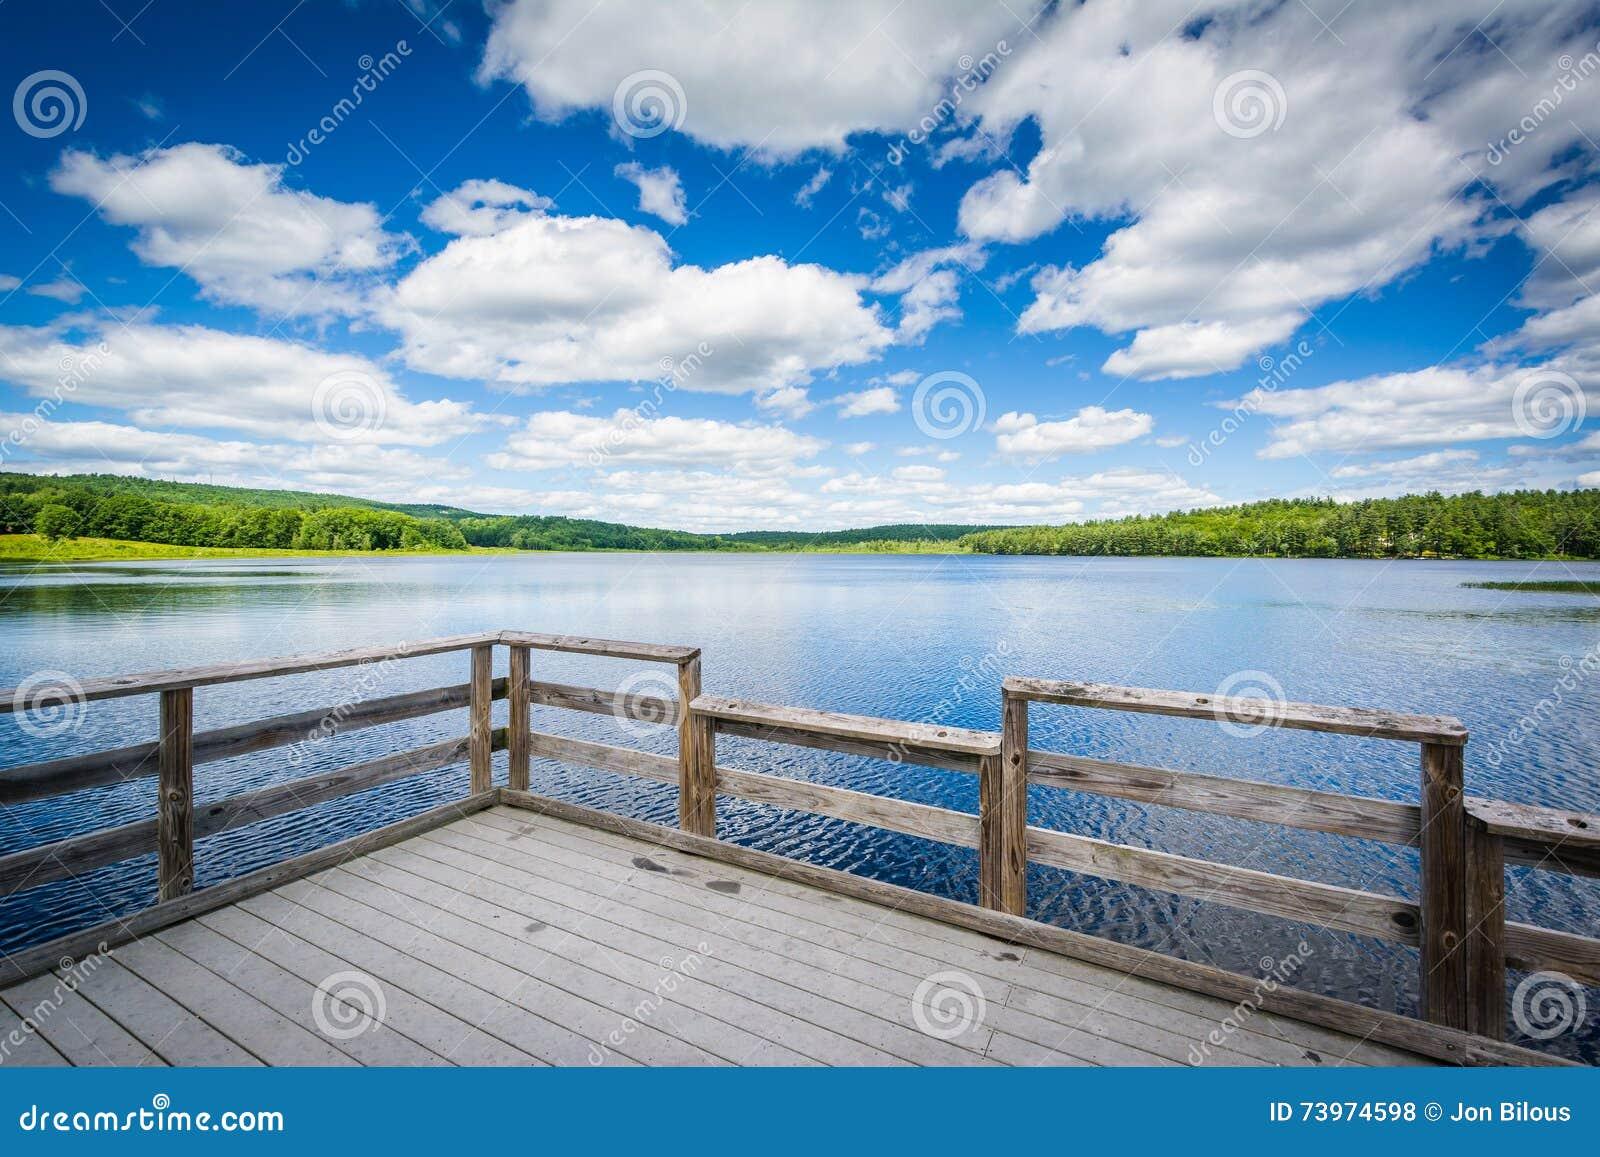 Dock auf dem Schildkröten-Teich, in der Übereinstimmung, New Hampshire